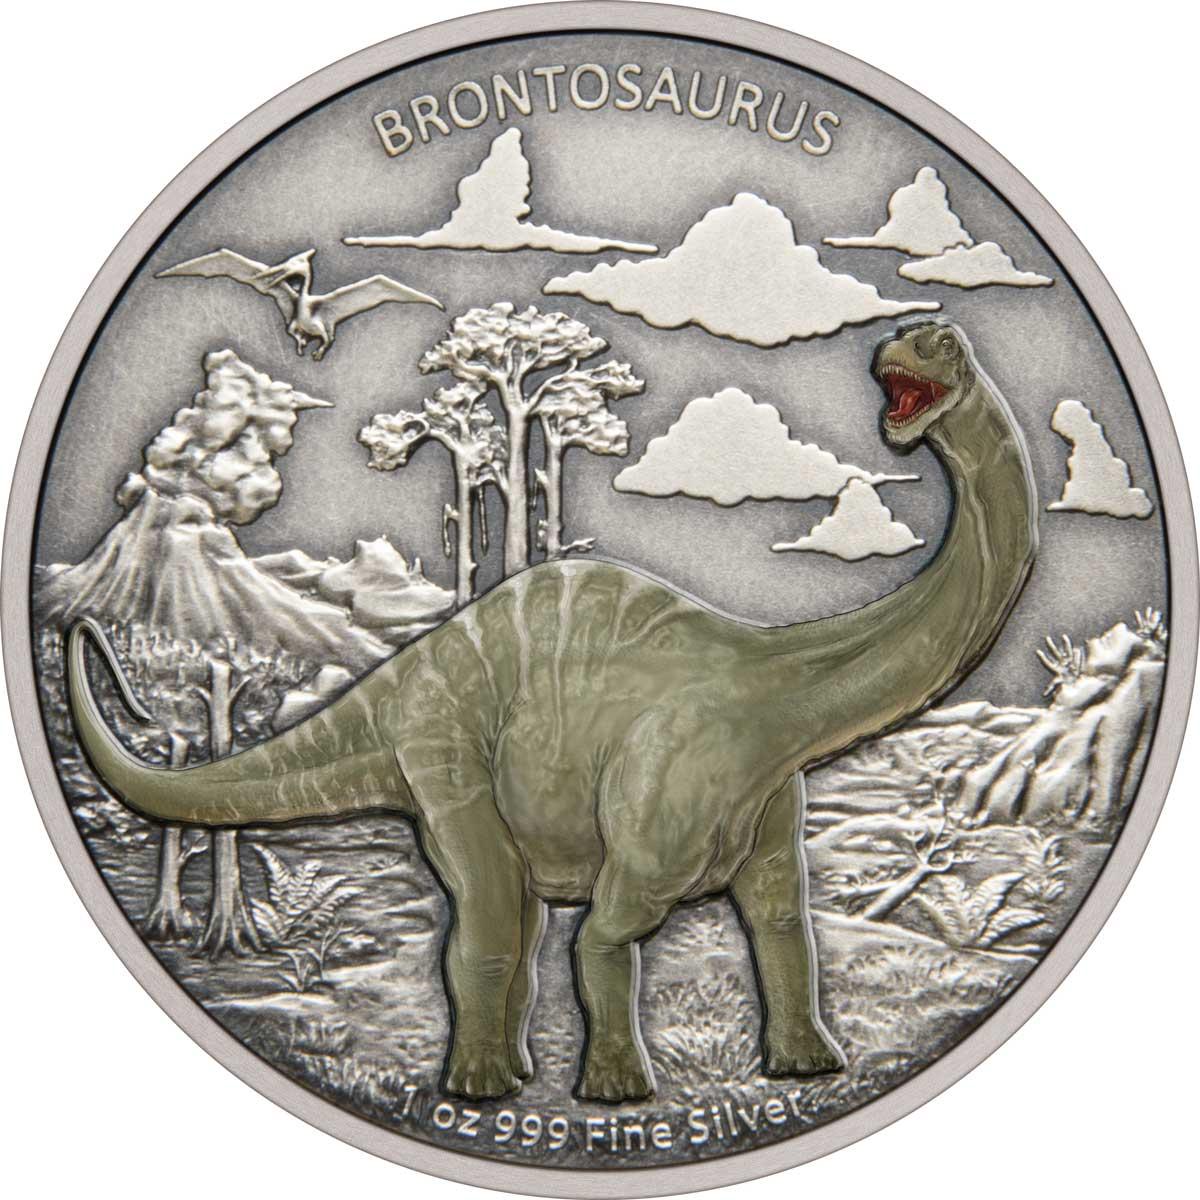 DINOSAURS: BRONTOSAURUS 2021 Niue 1oz silver coin